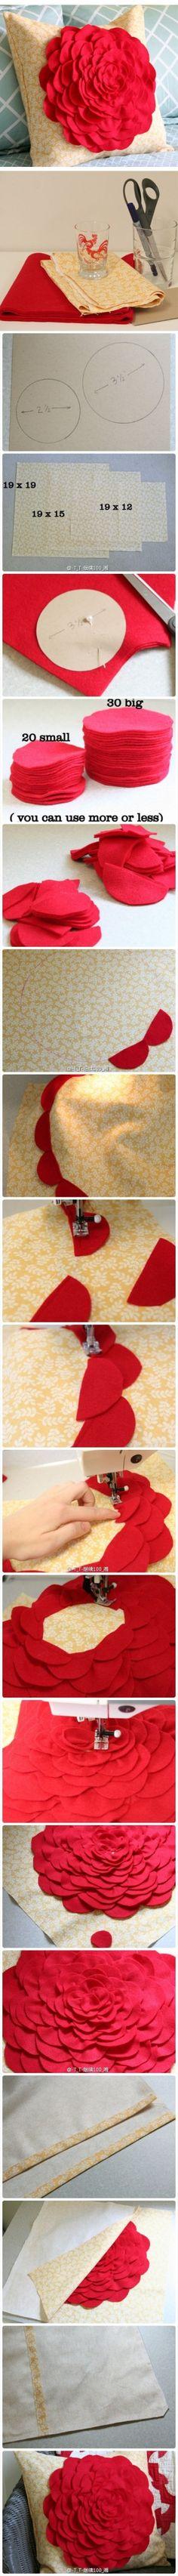 #DIY #decorative #Pillow